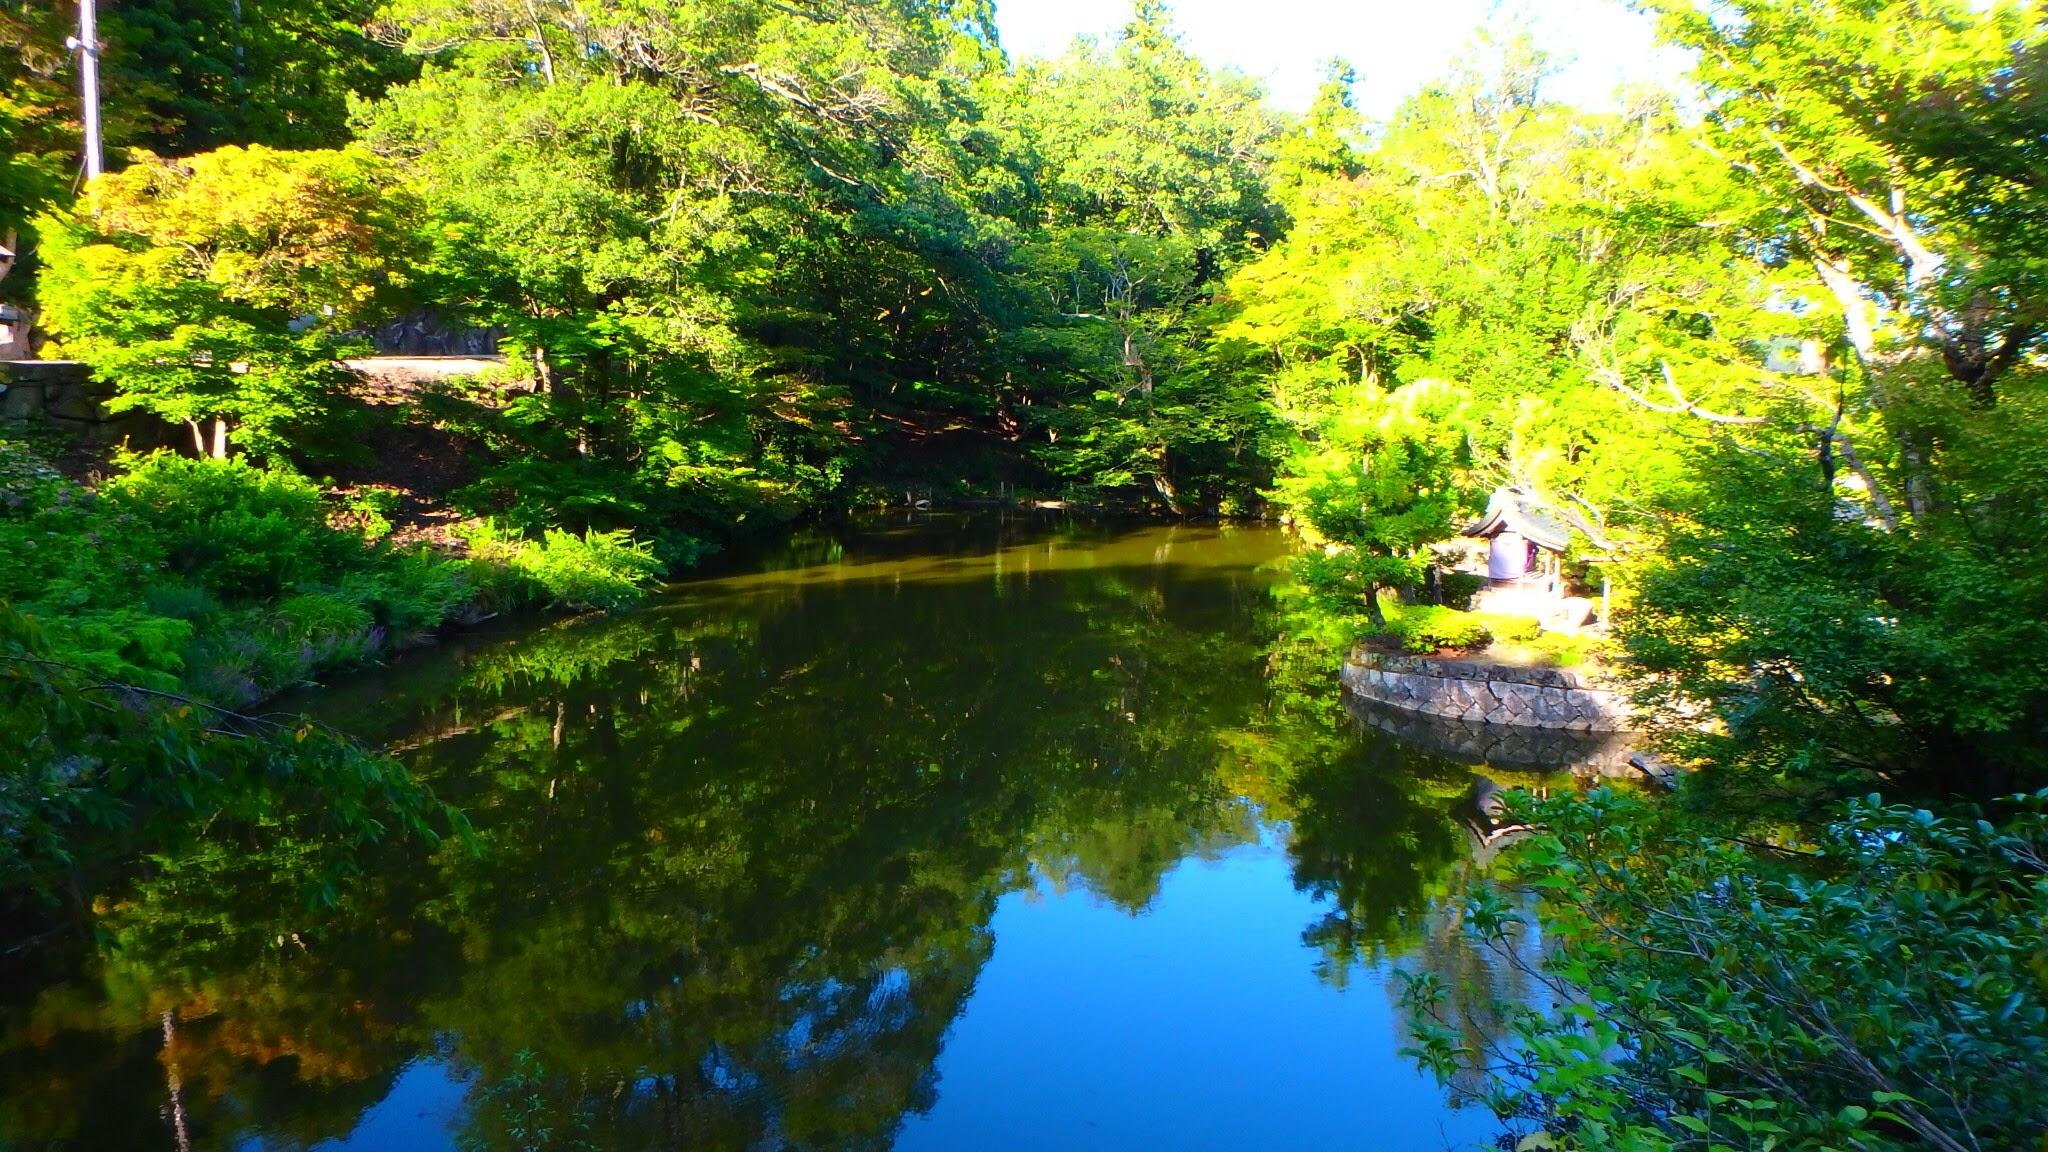 Nariai-ji temple lake